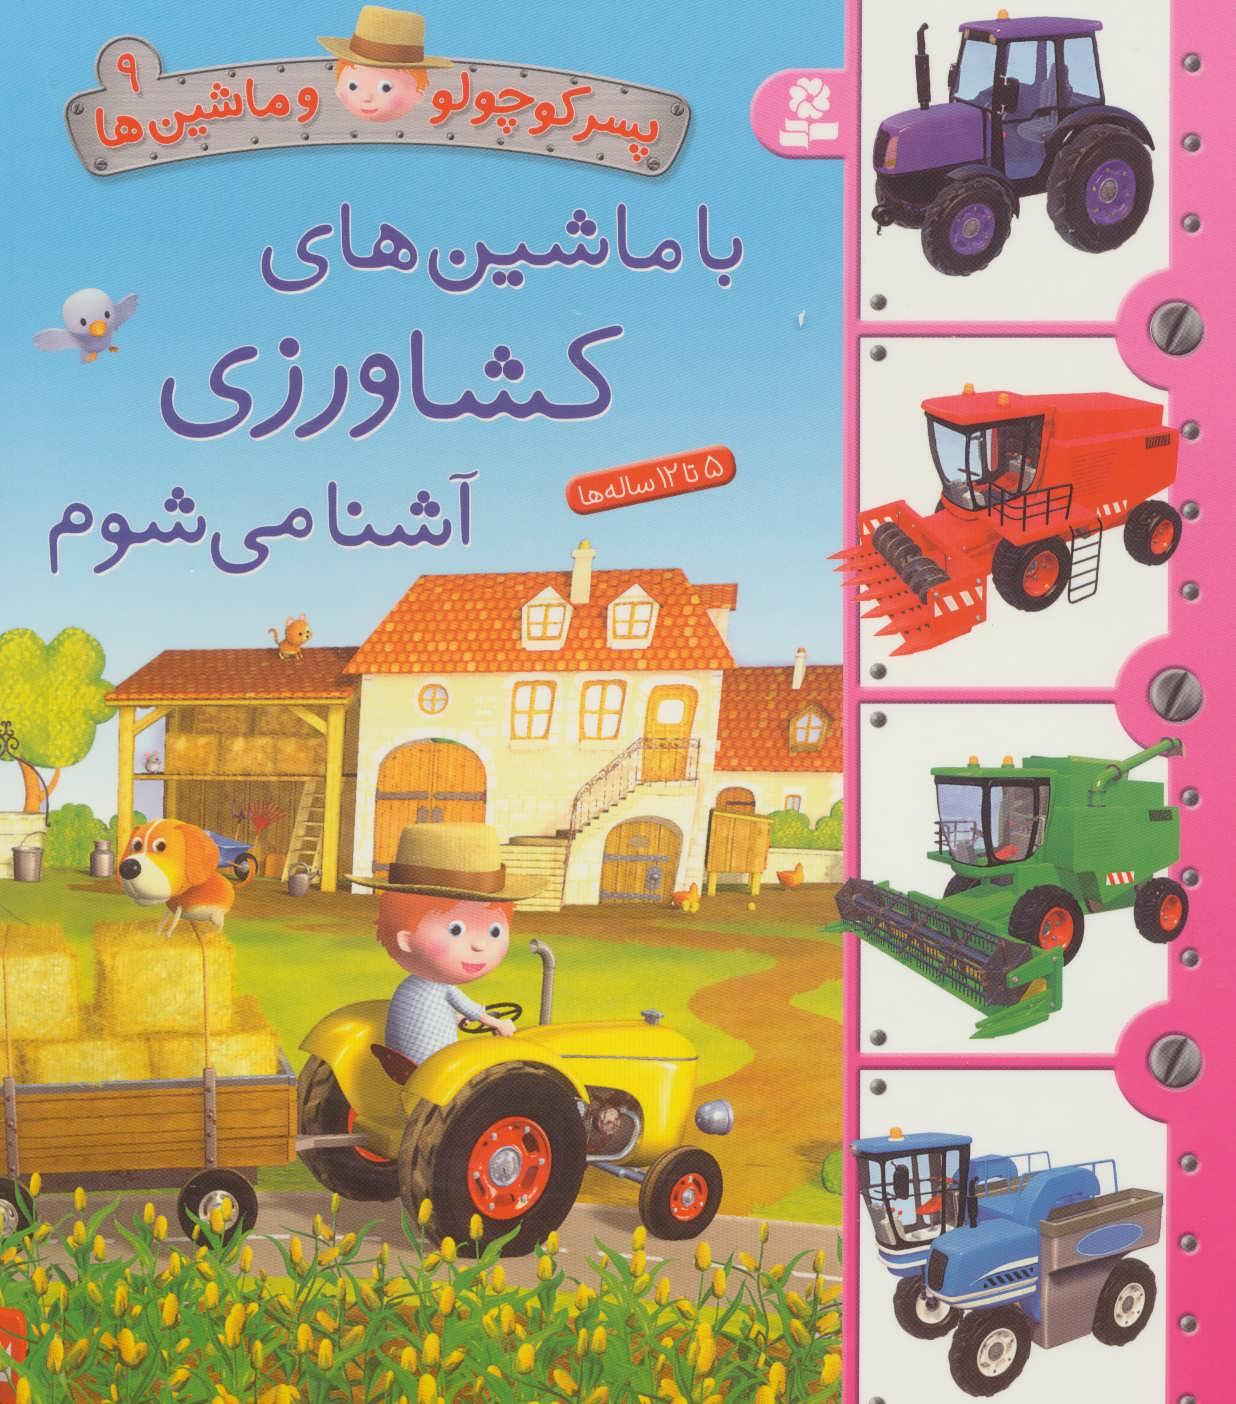 پسر کوچولو و ماشین ها 9 (با ماشین های کشاورزی آشنا می شوم)،(گلاسه)